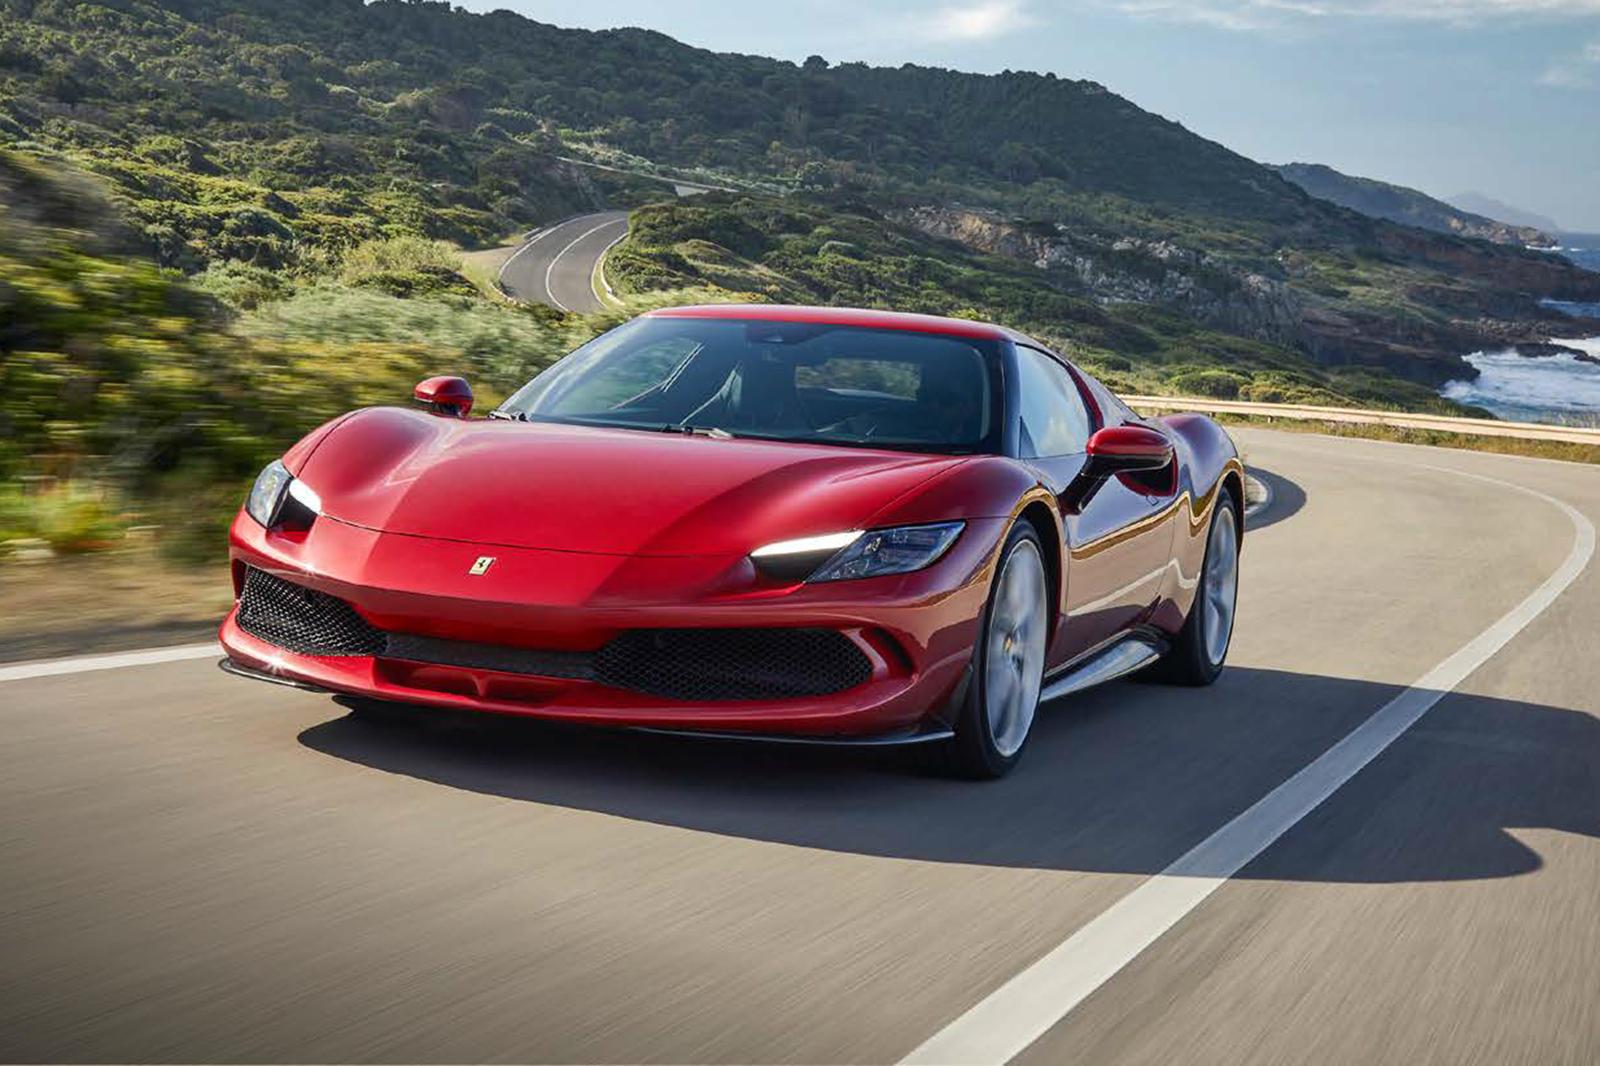 động-cơ-v6-trên-siêu-xe-Ferrari-296-GTB-có-gì-đặc-biệt (1).jpg